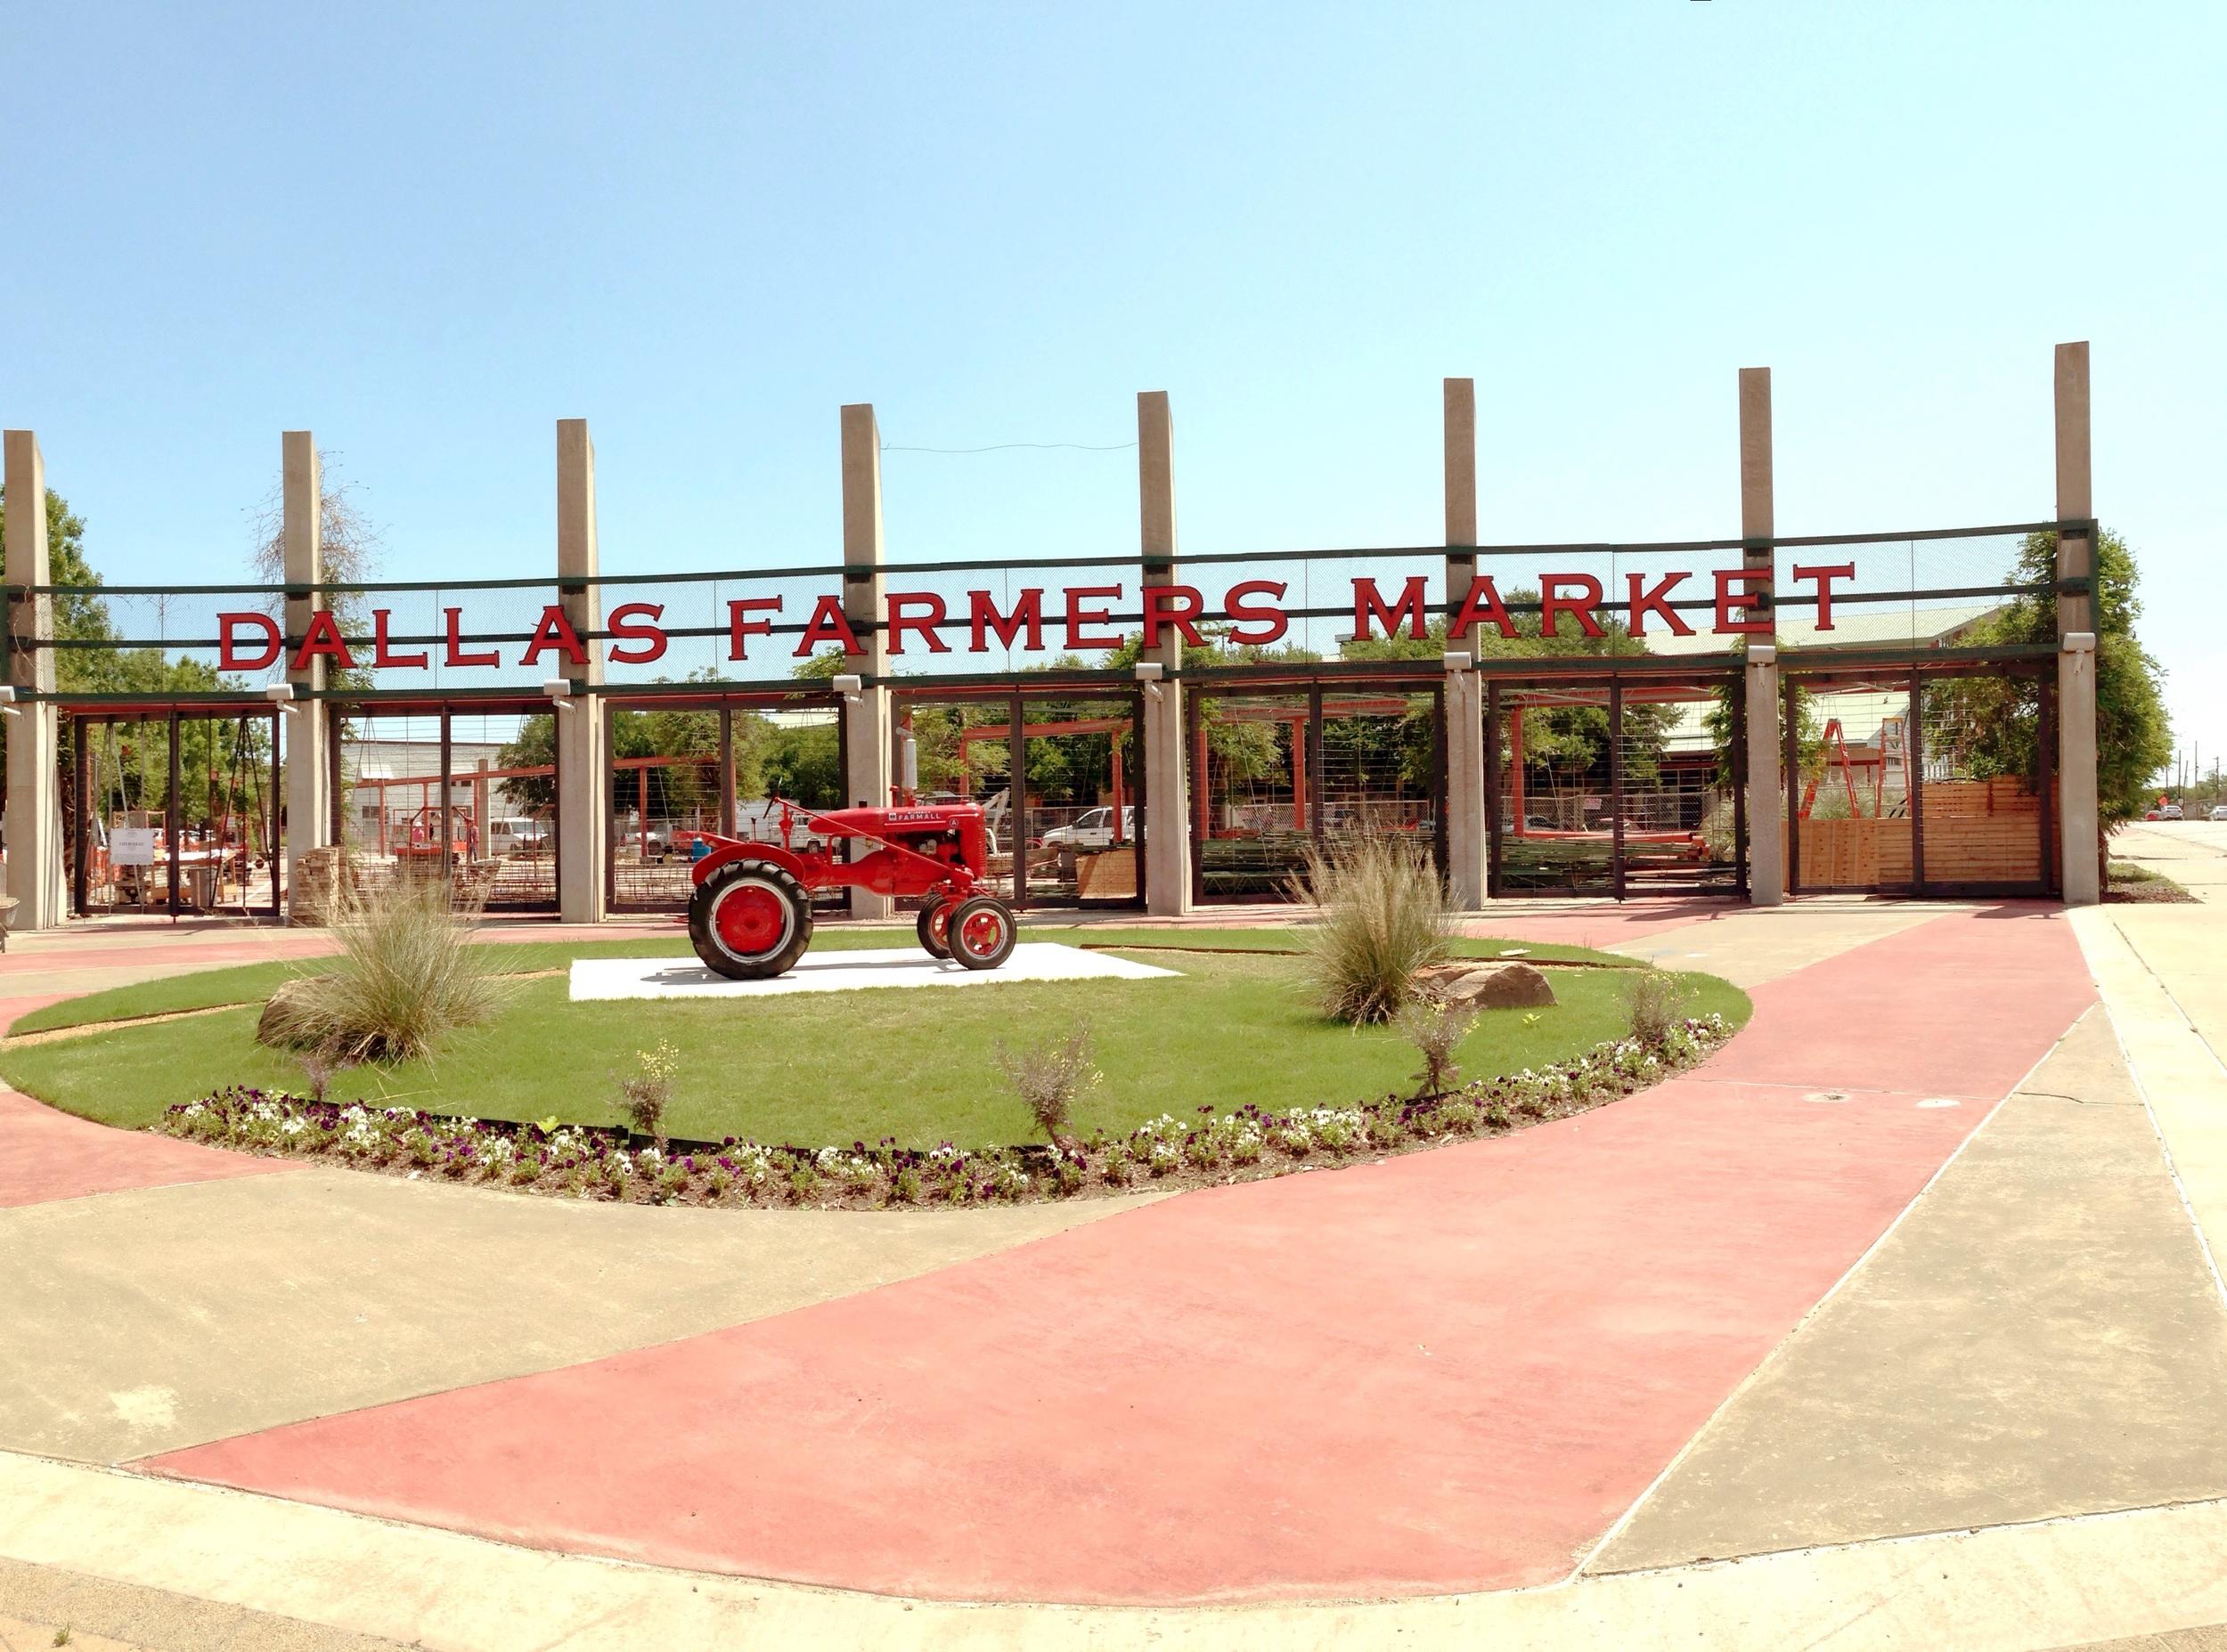 Dallas Farmers Market - April 2015